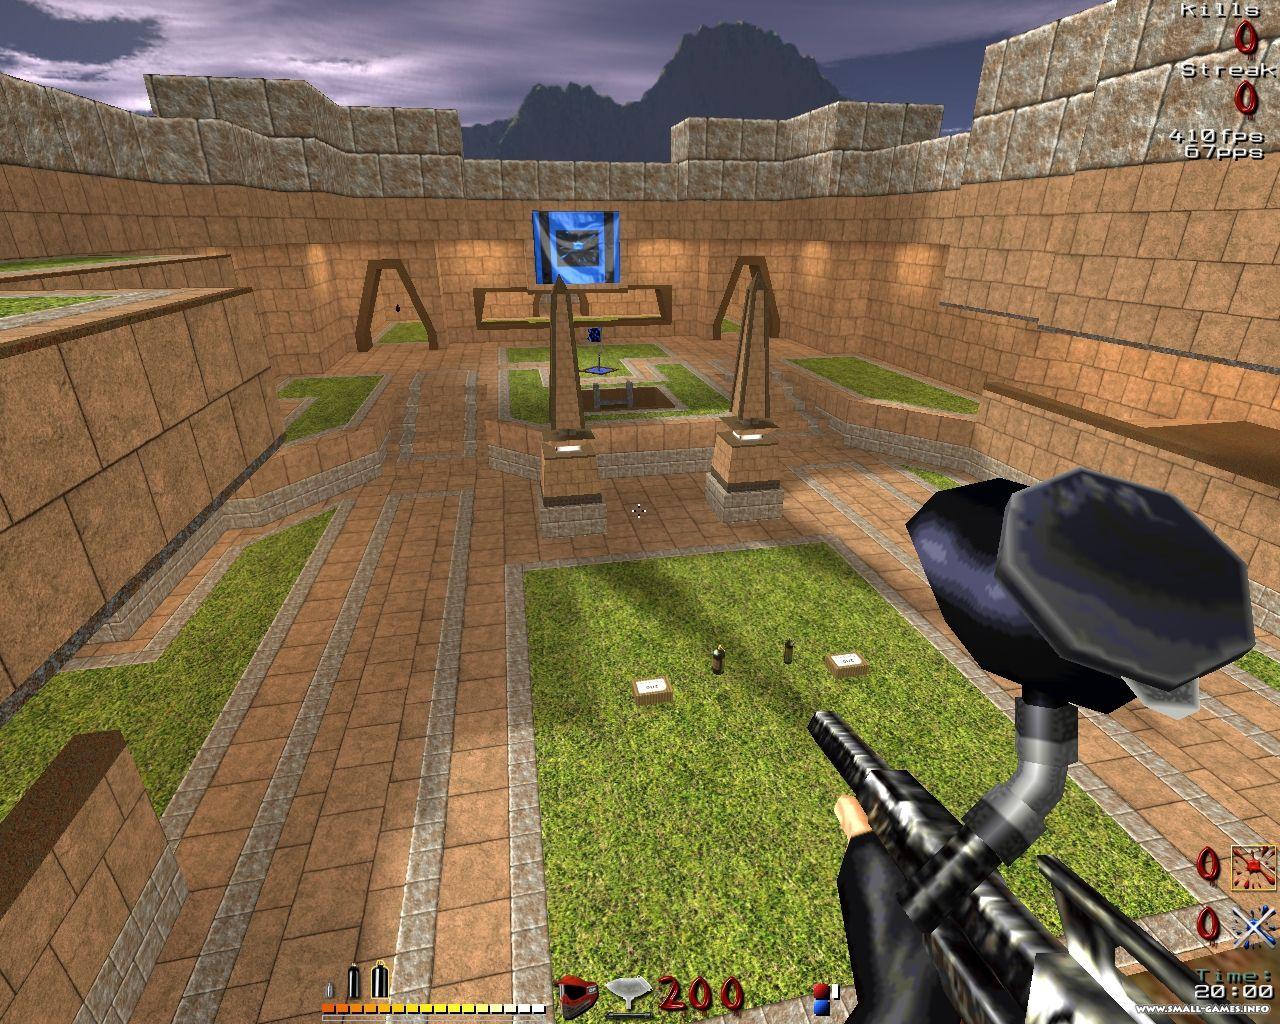 Скачать игру на компьютер бесплатно пейнтбол